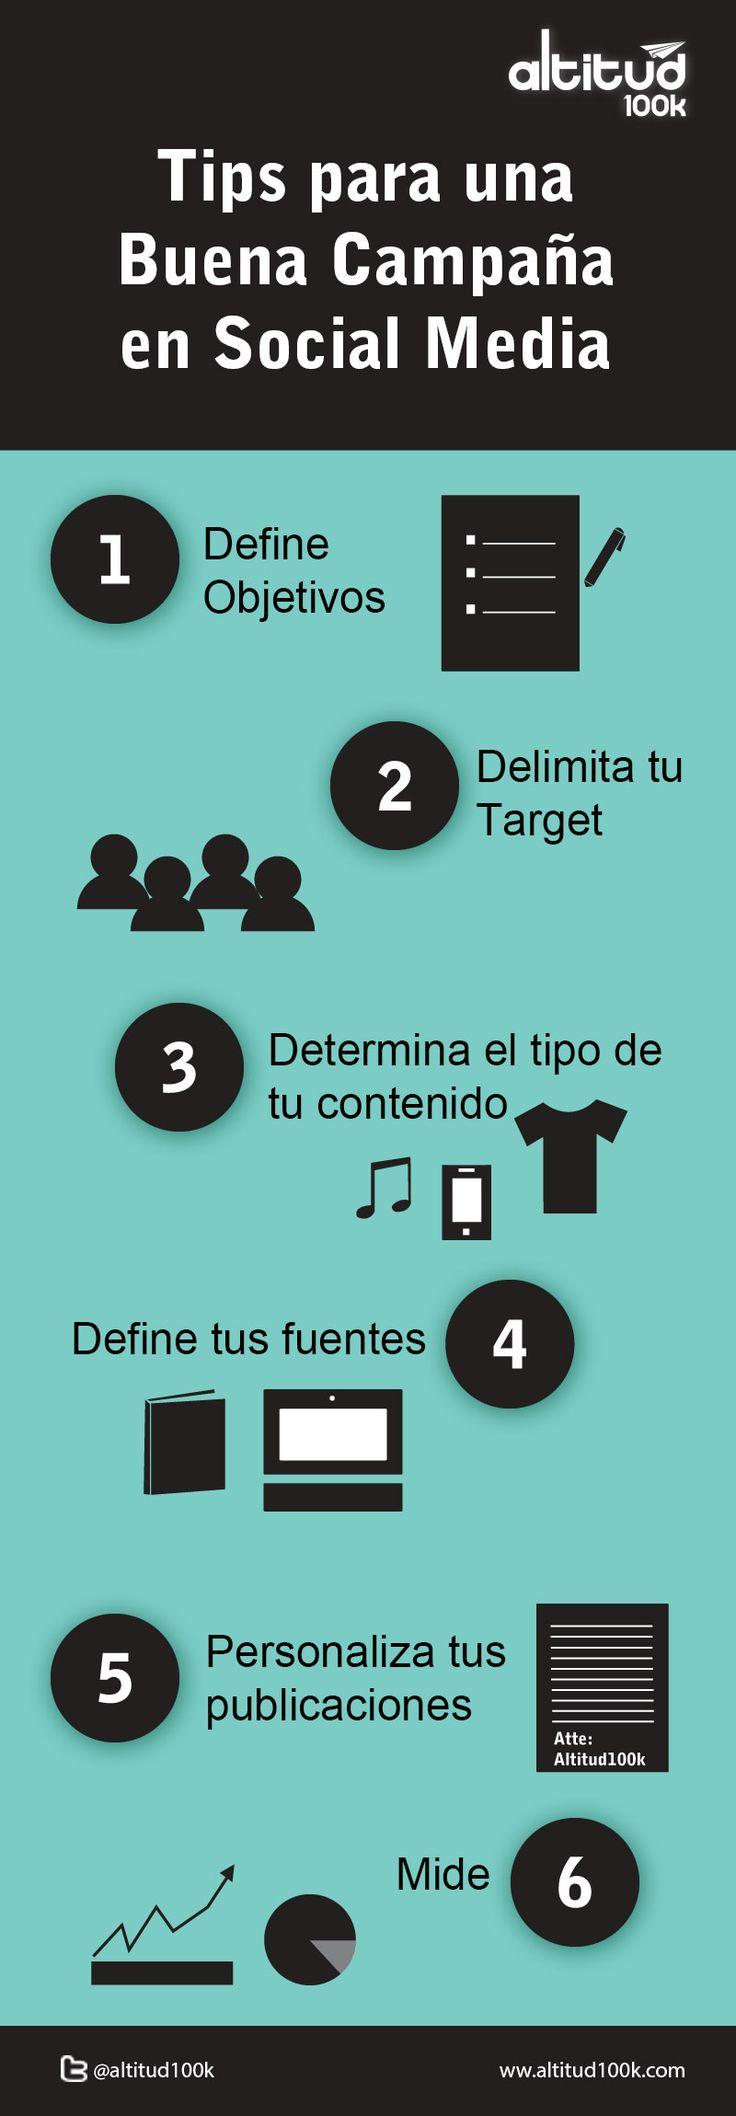 Los 5 pasos para realizar una Campaña Social-Móviles altamente efectiva #MarketingDigital #MarketingMoviles   Magenta Innovaciones C.A.